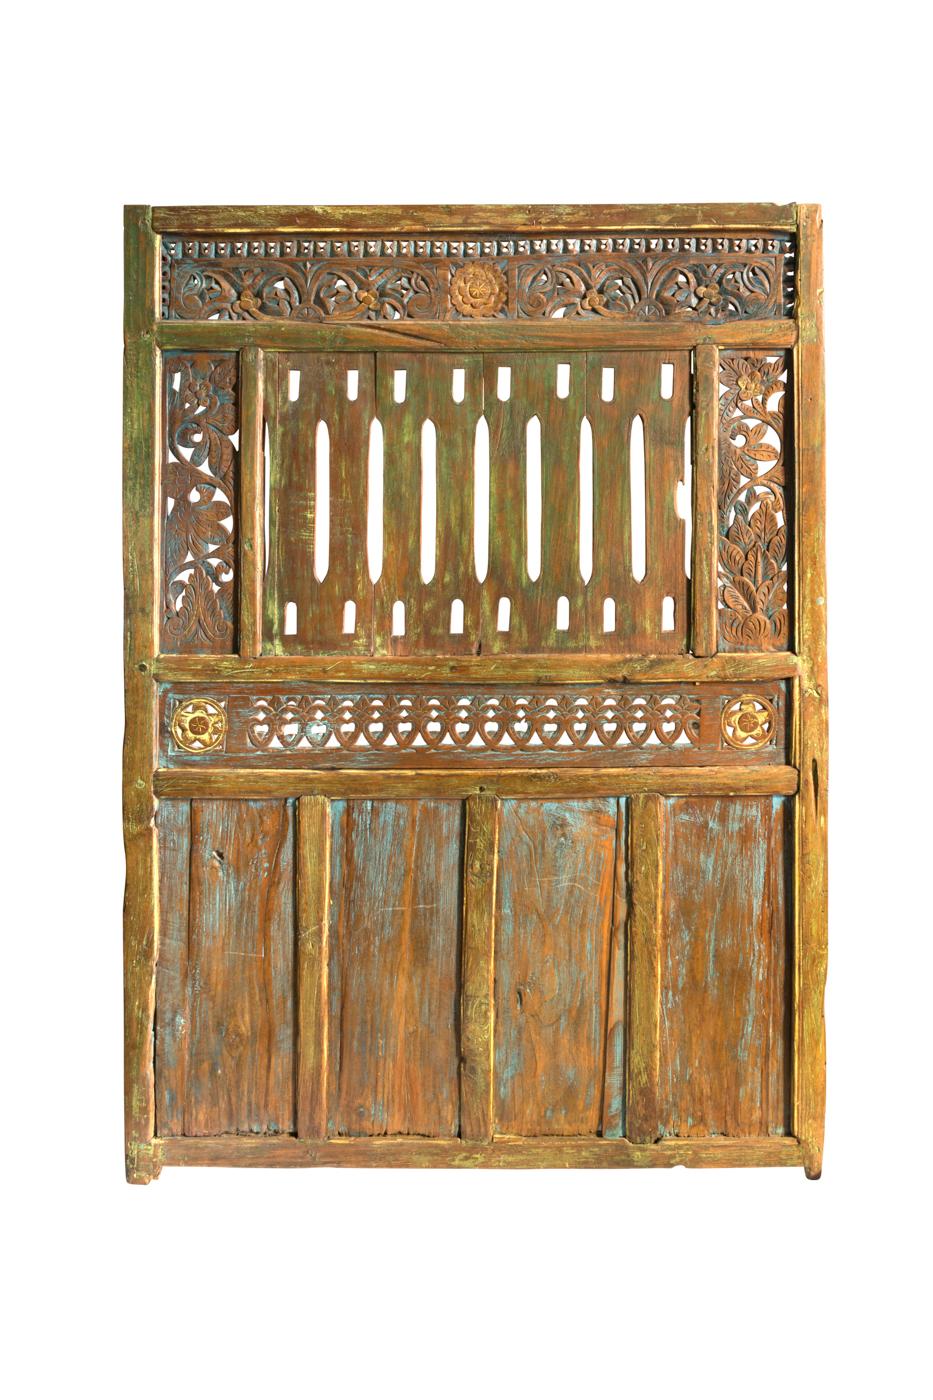 Carved wooden door flower